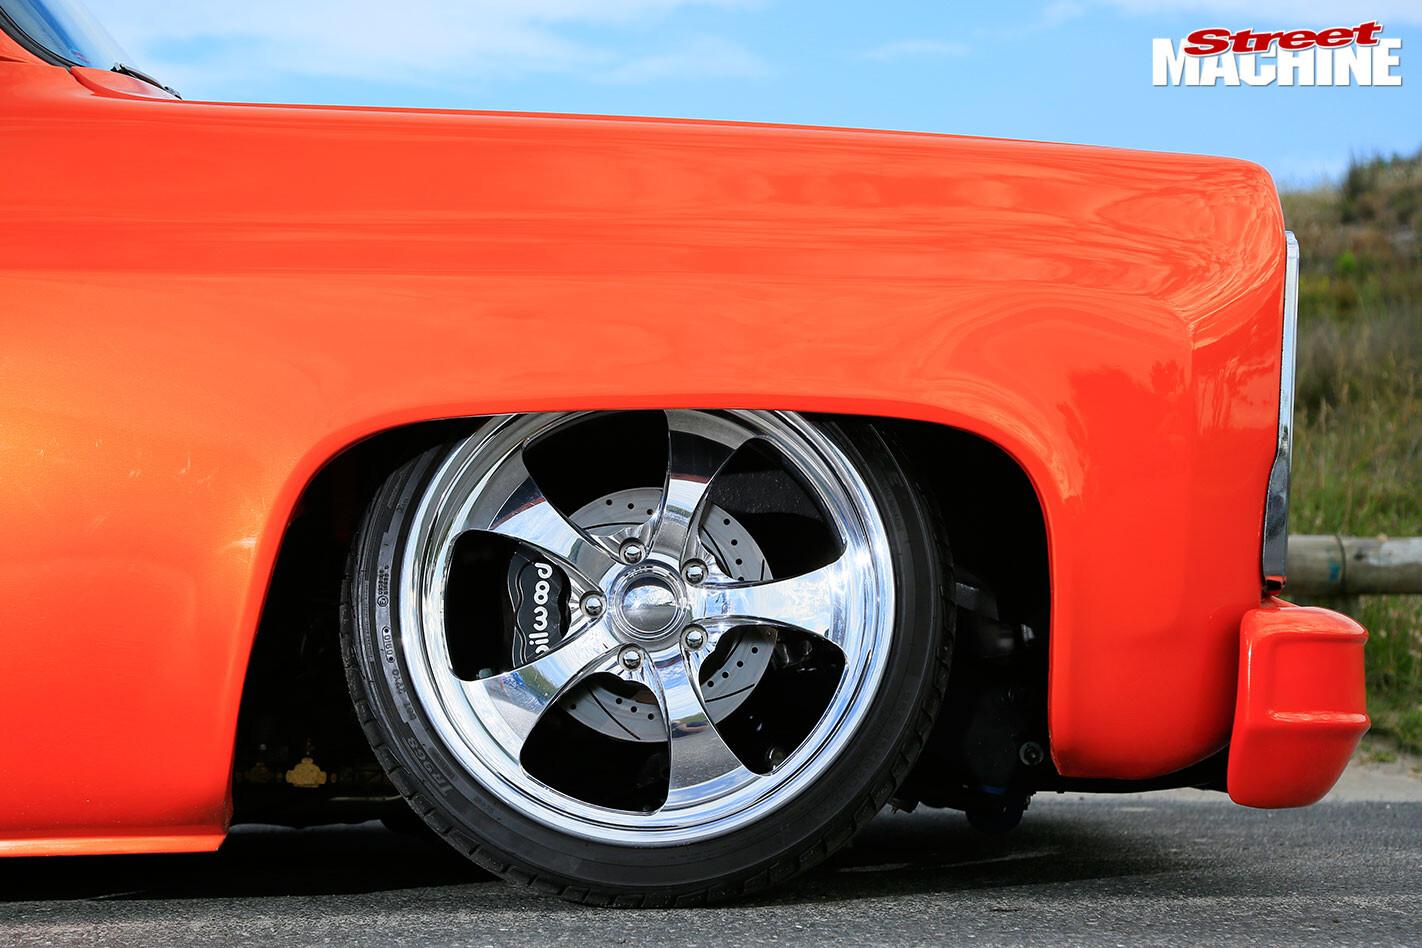 C10 stepside pick-up wheel